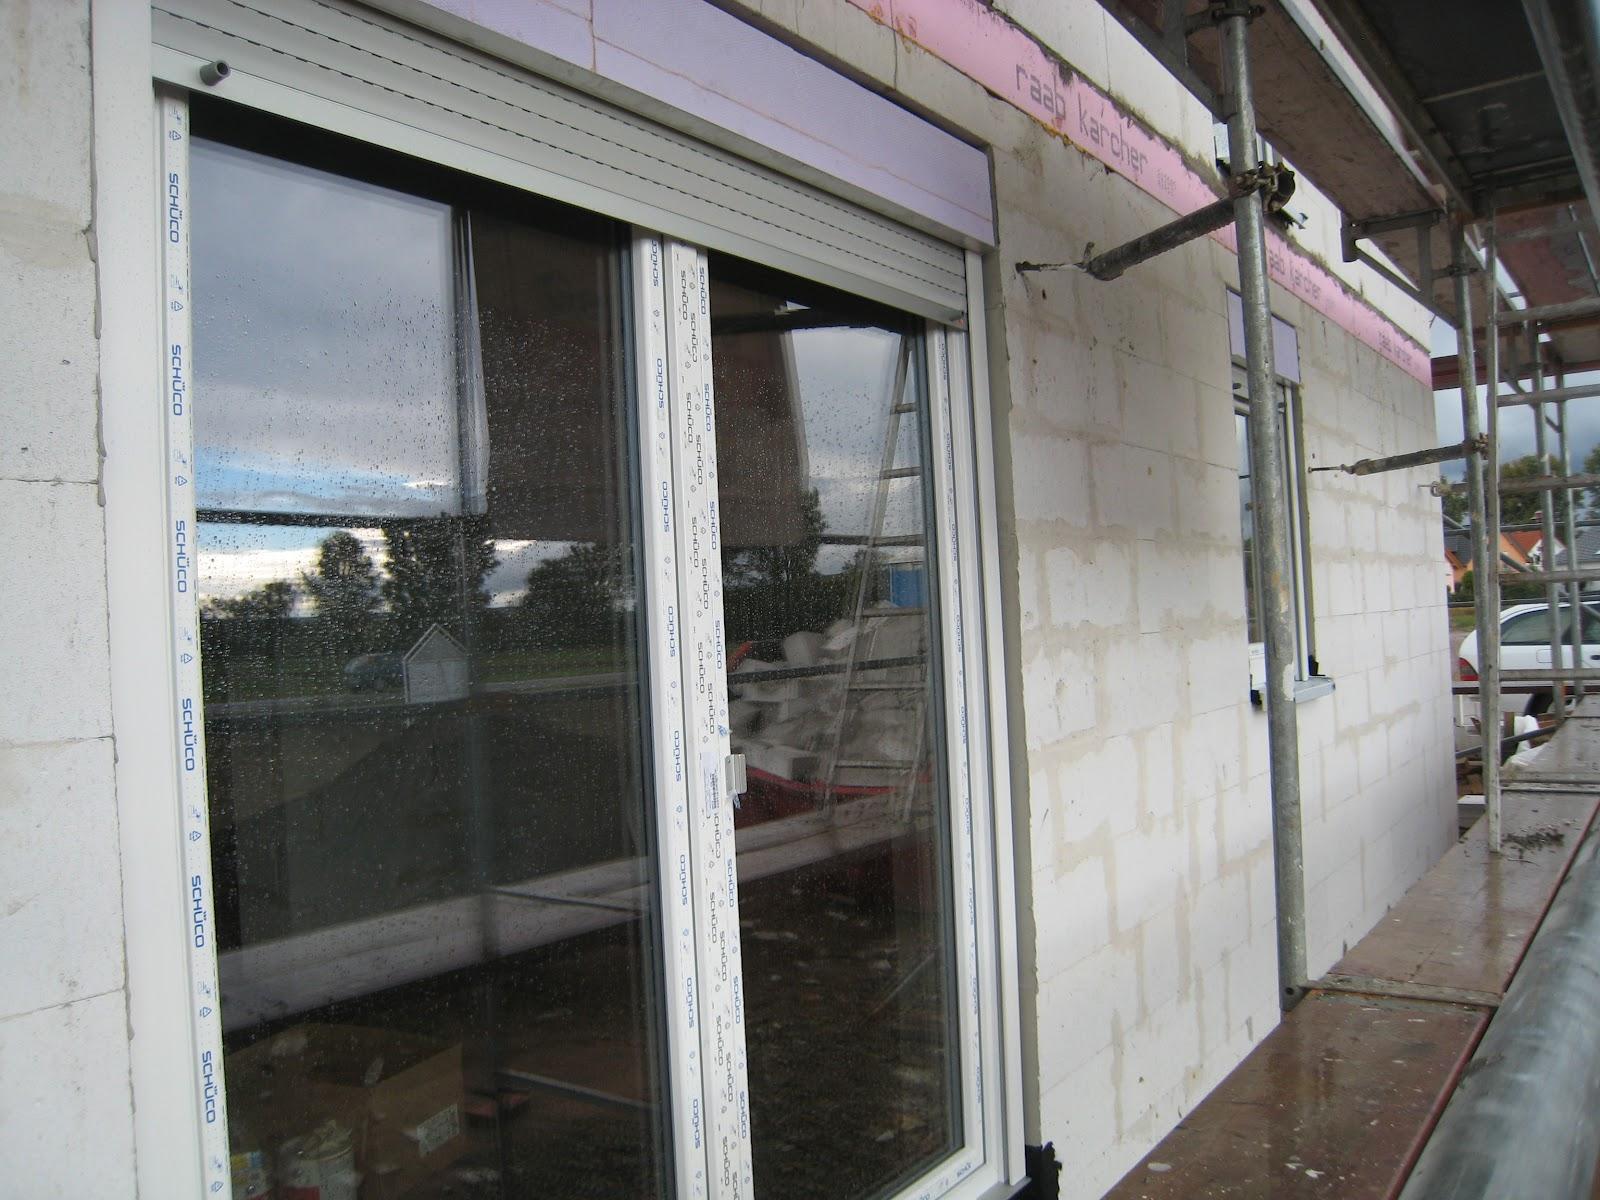 fenster mit unterlicht pvcfenster zwei flgel mit. Black Bedroom Furniture Sets. Home Design Ideas